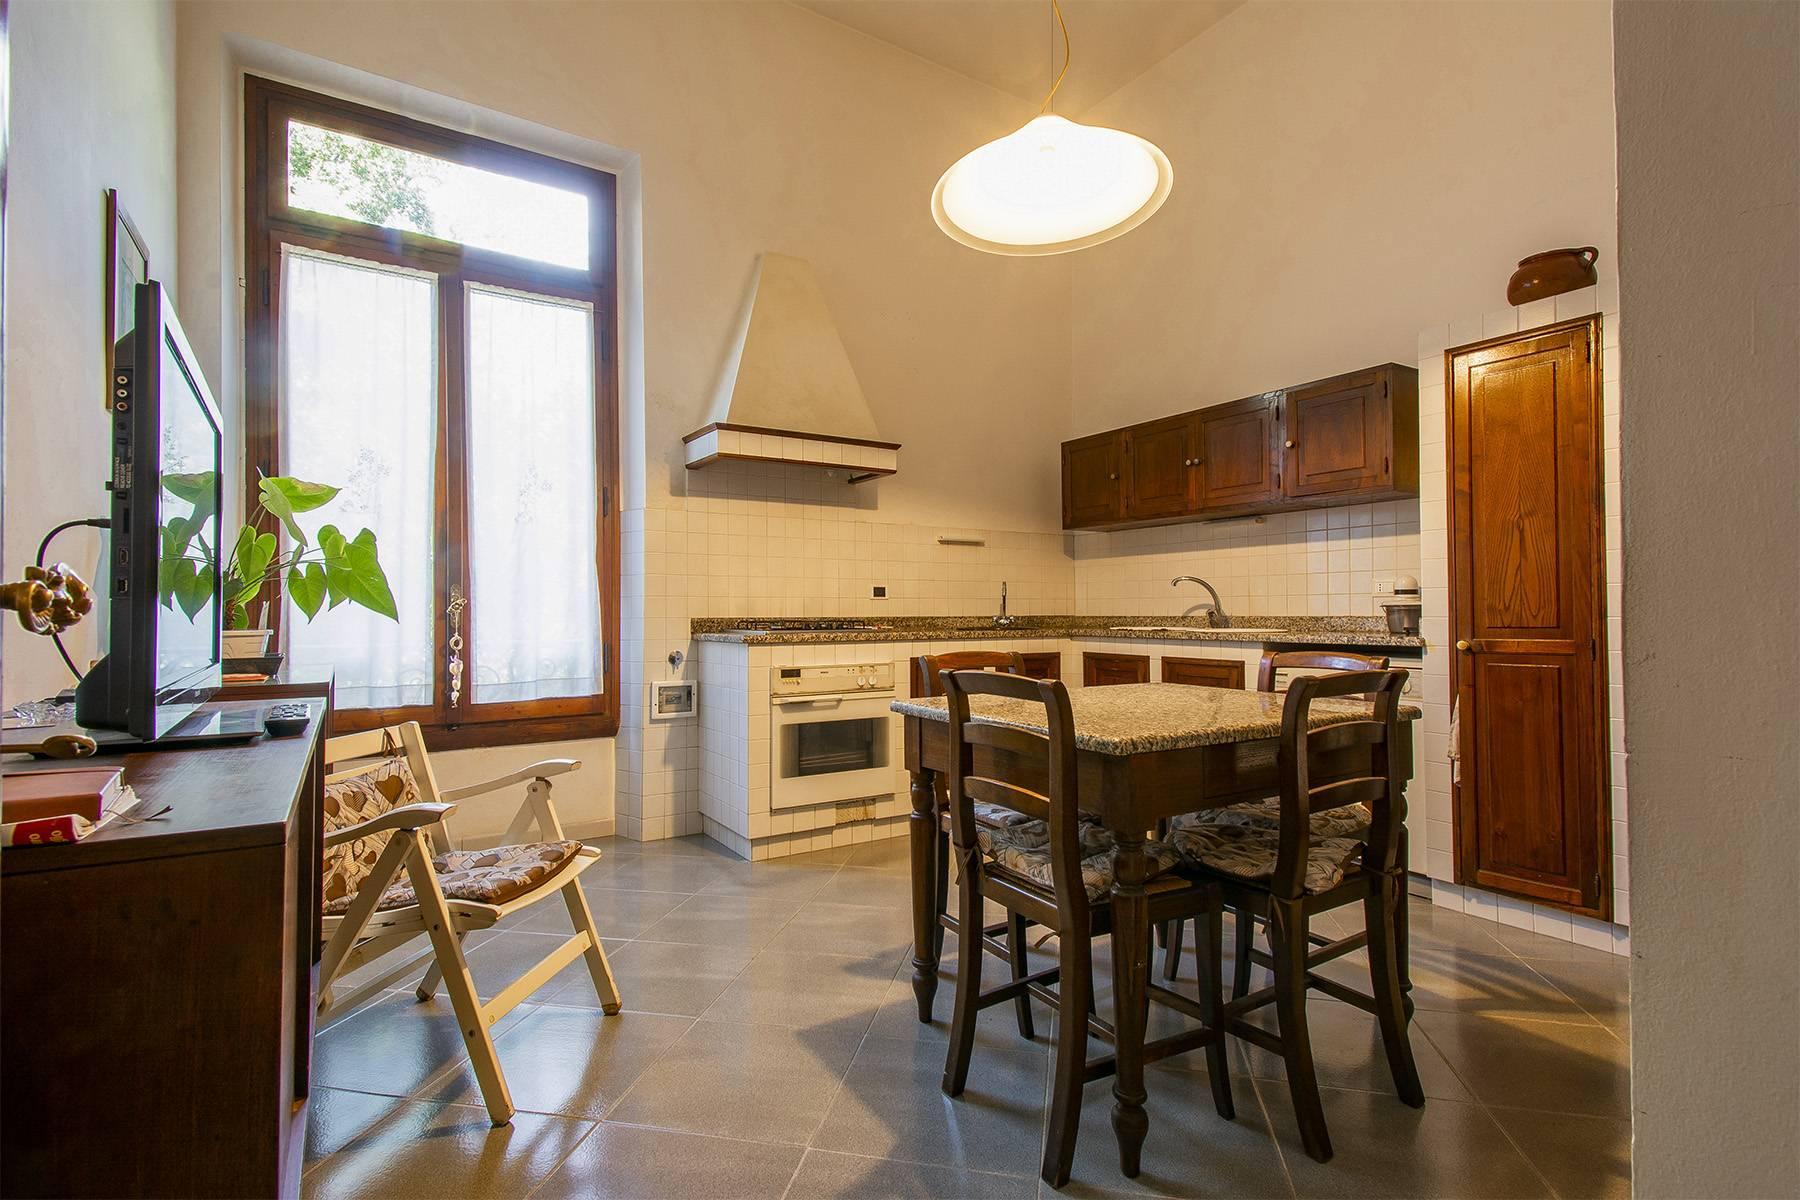 Exquisite apartment in a historic villa - 9